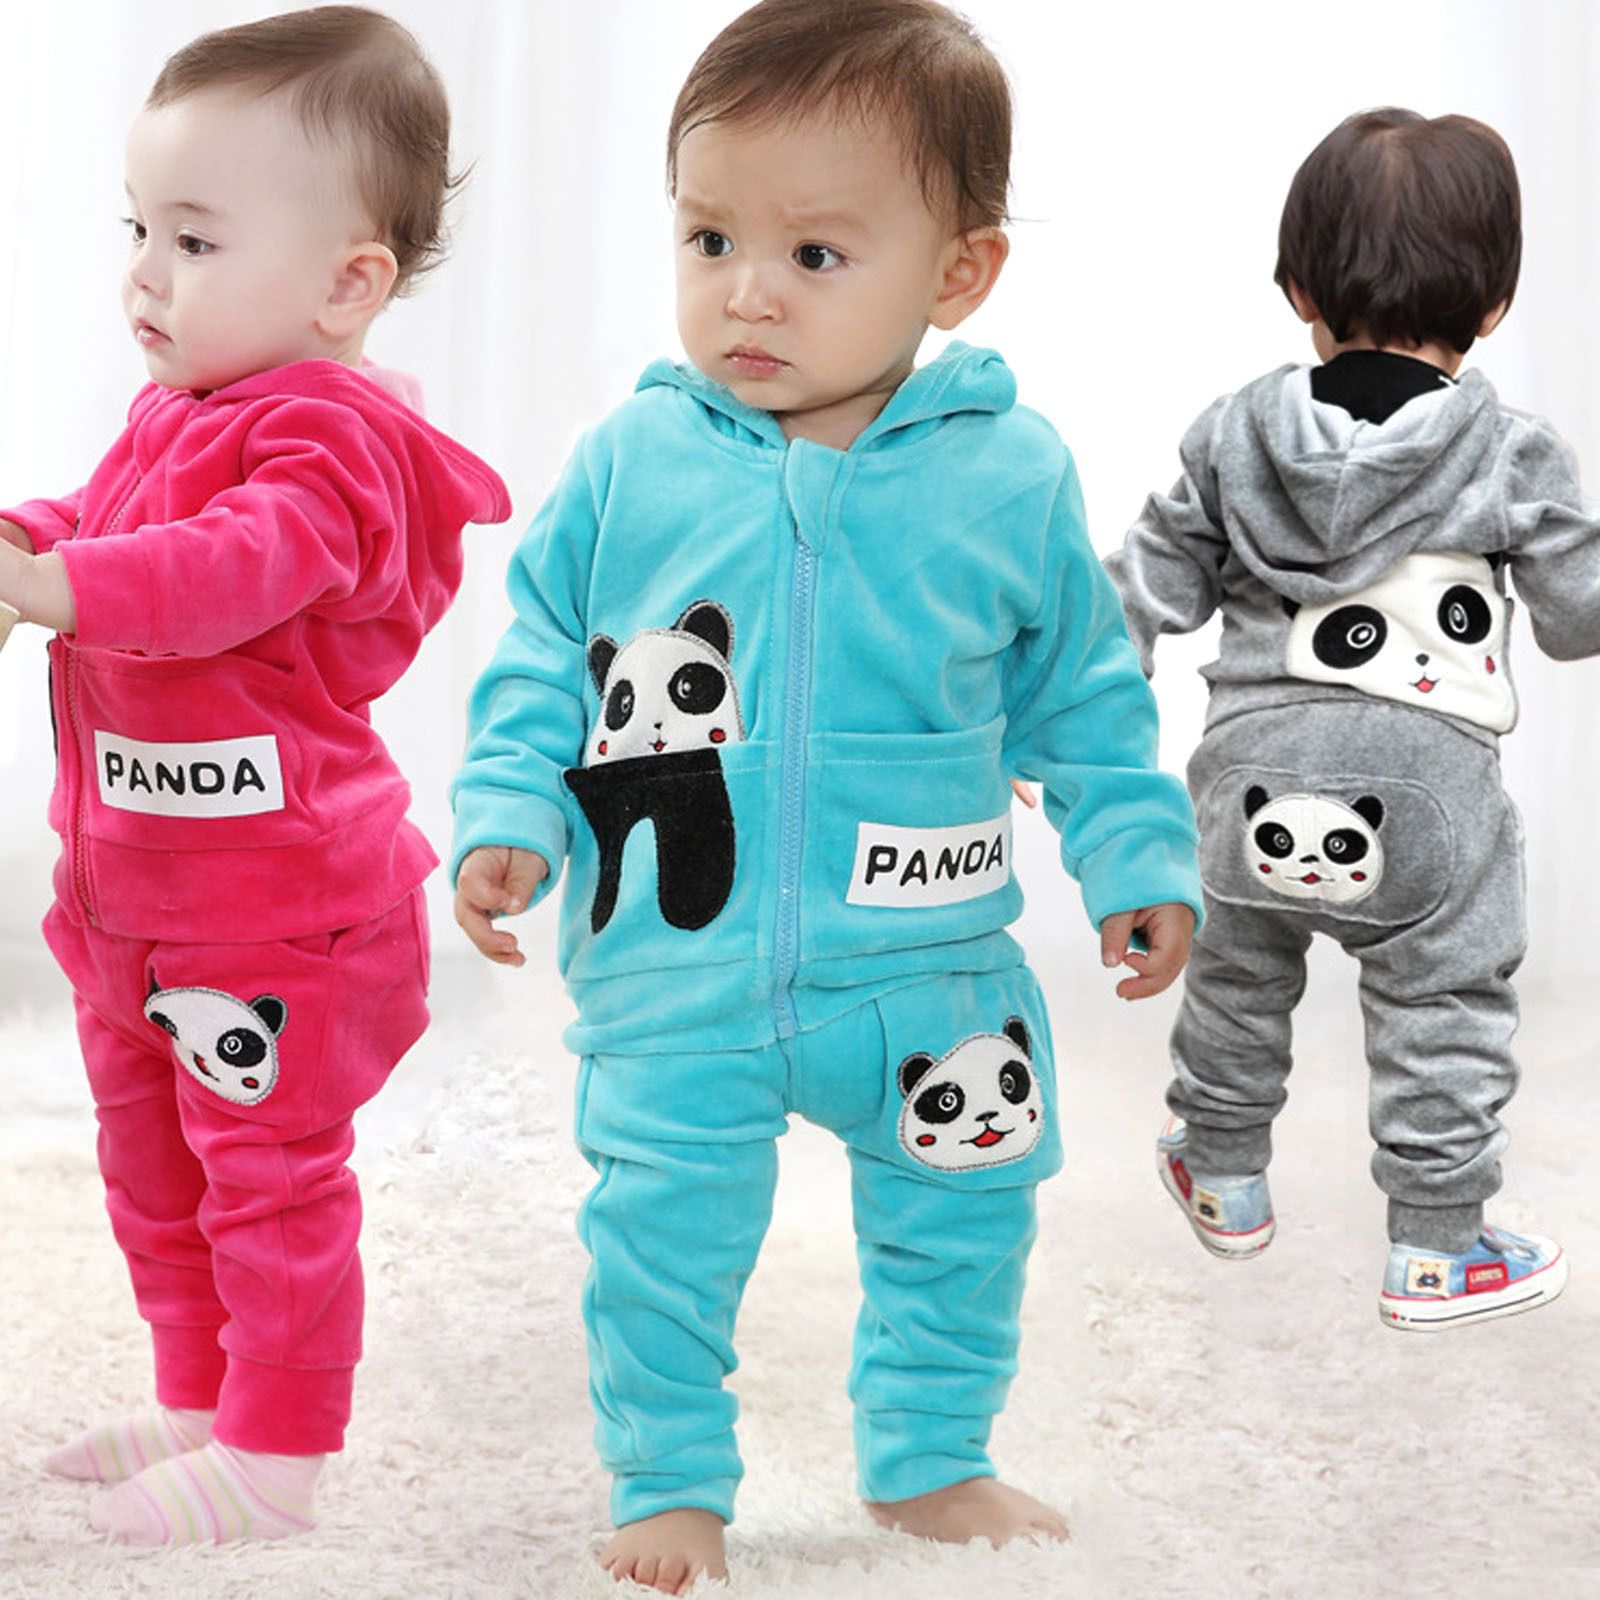 813a37410 ملابس اطفال اولاد , اجمل لباس للاولاد - حبيبي